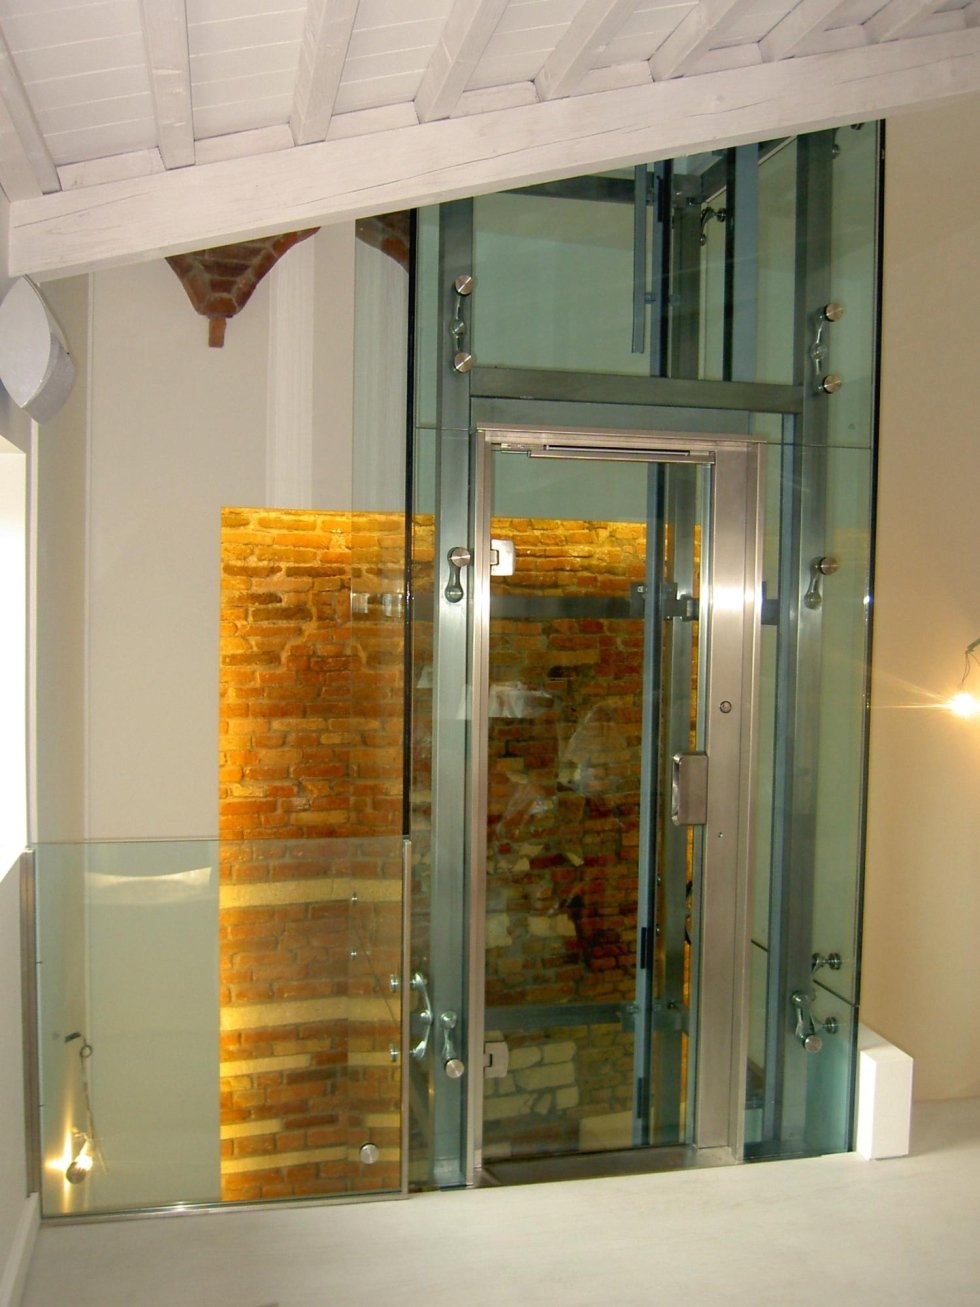 piattaforma elevatrice in vetro con parete decorate